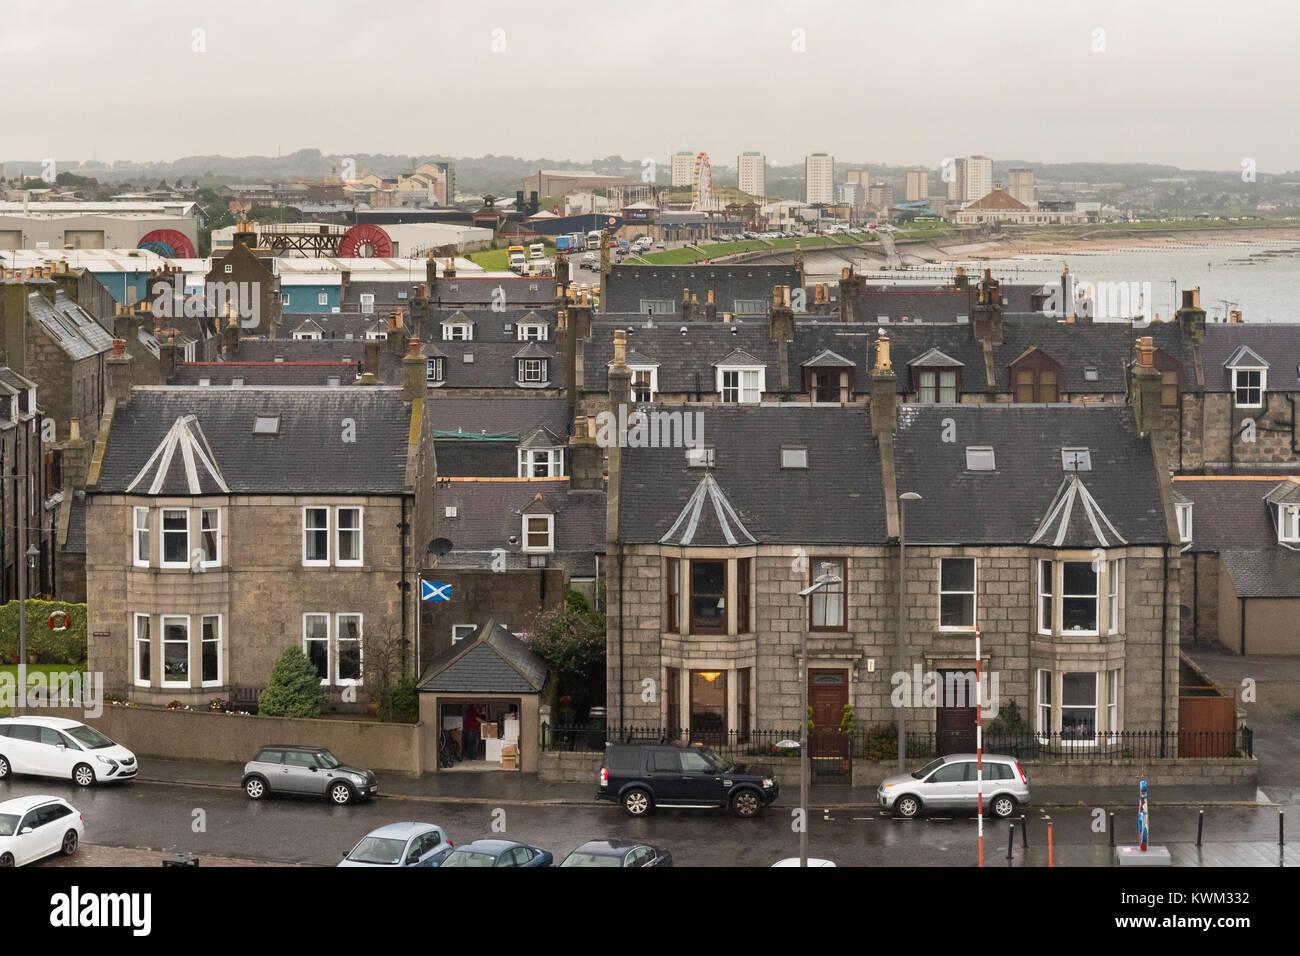 Maisons à Aberdeen dans le Quai Pocra Footdee Conservation Area, Aberdeen, Écosse, Royaume-Uni Photo Stock